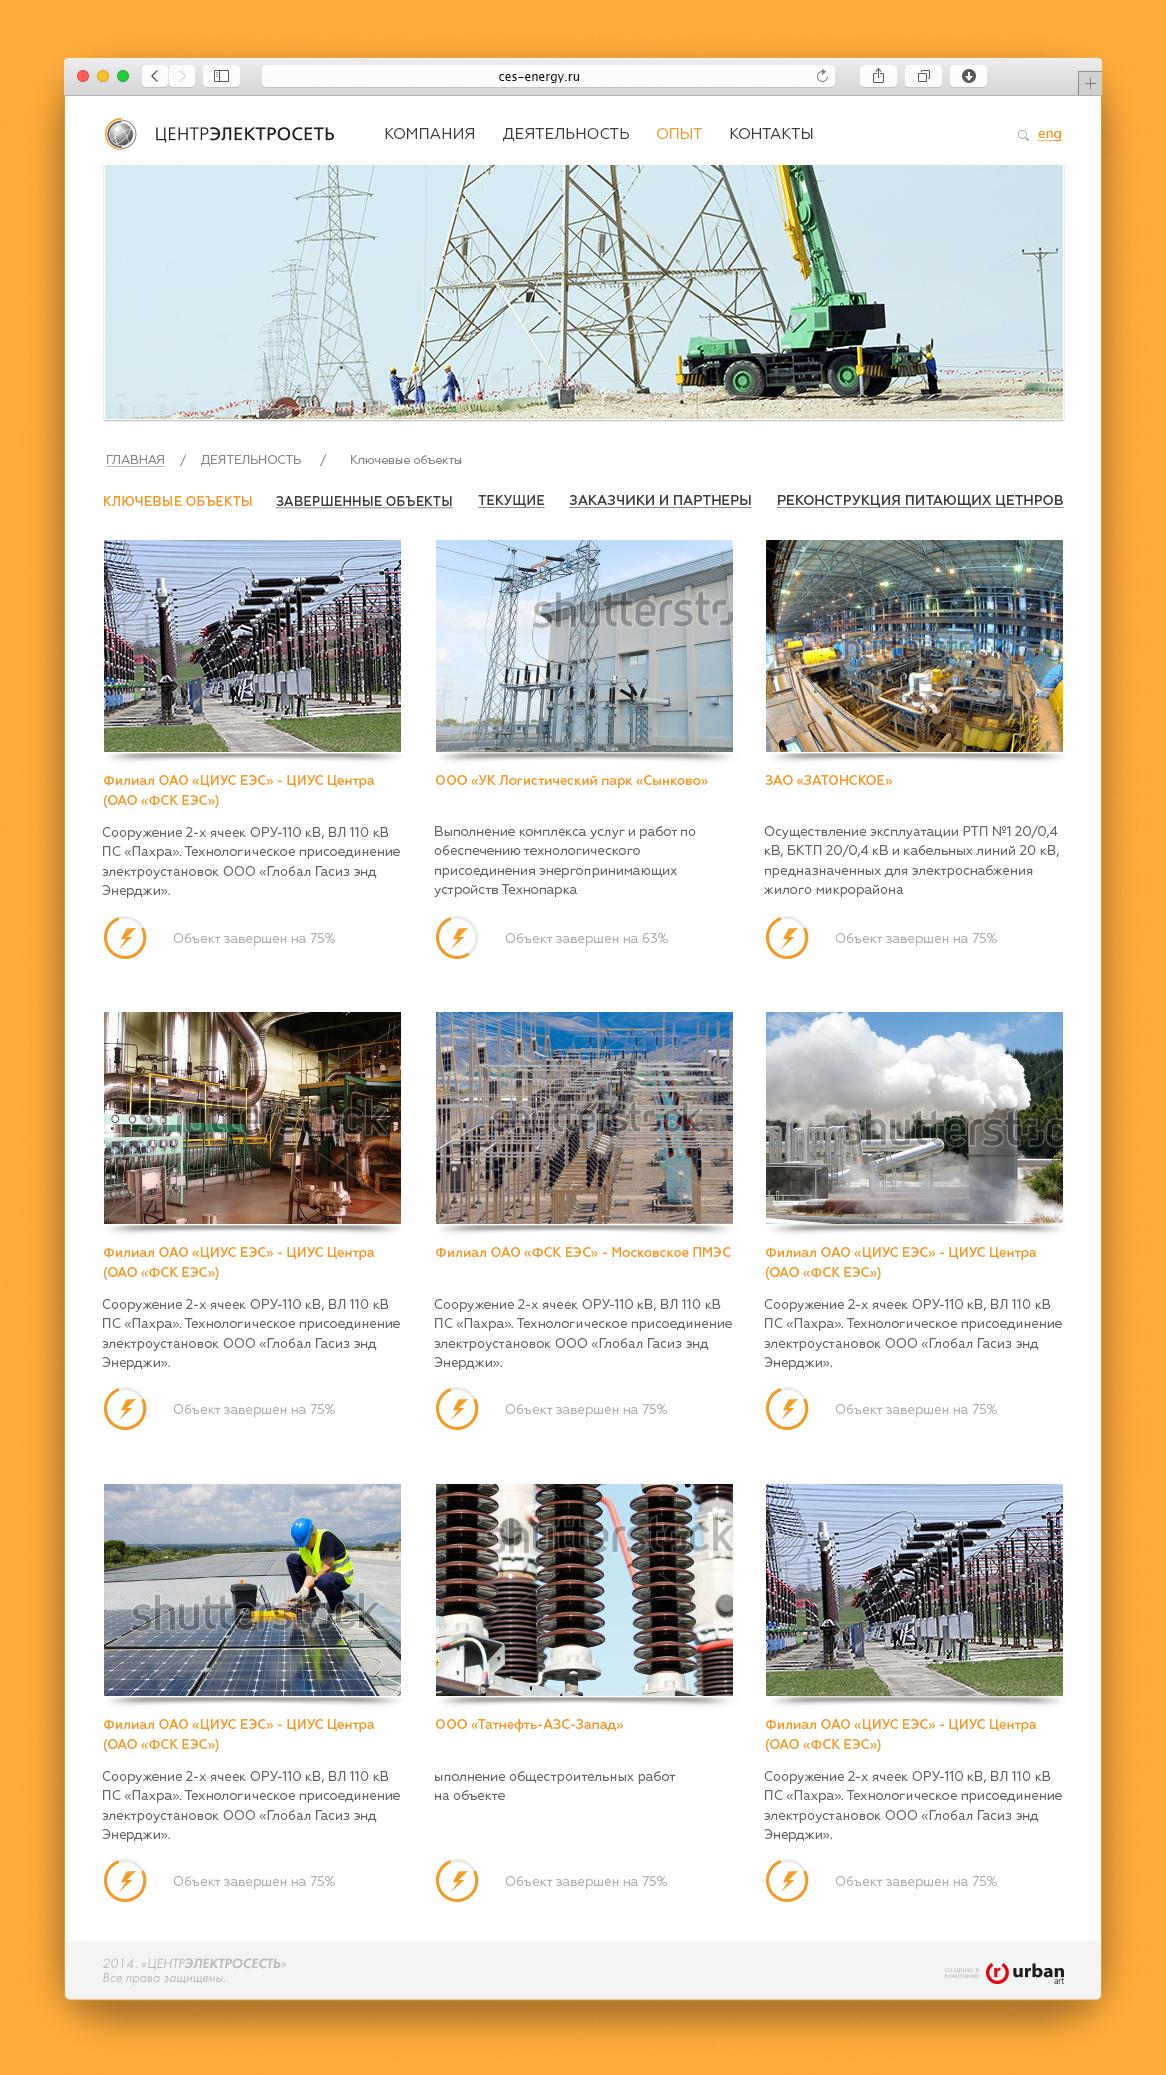 8_сайт_разработка_сайтов_дизайн_брендинг